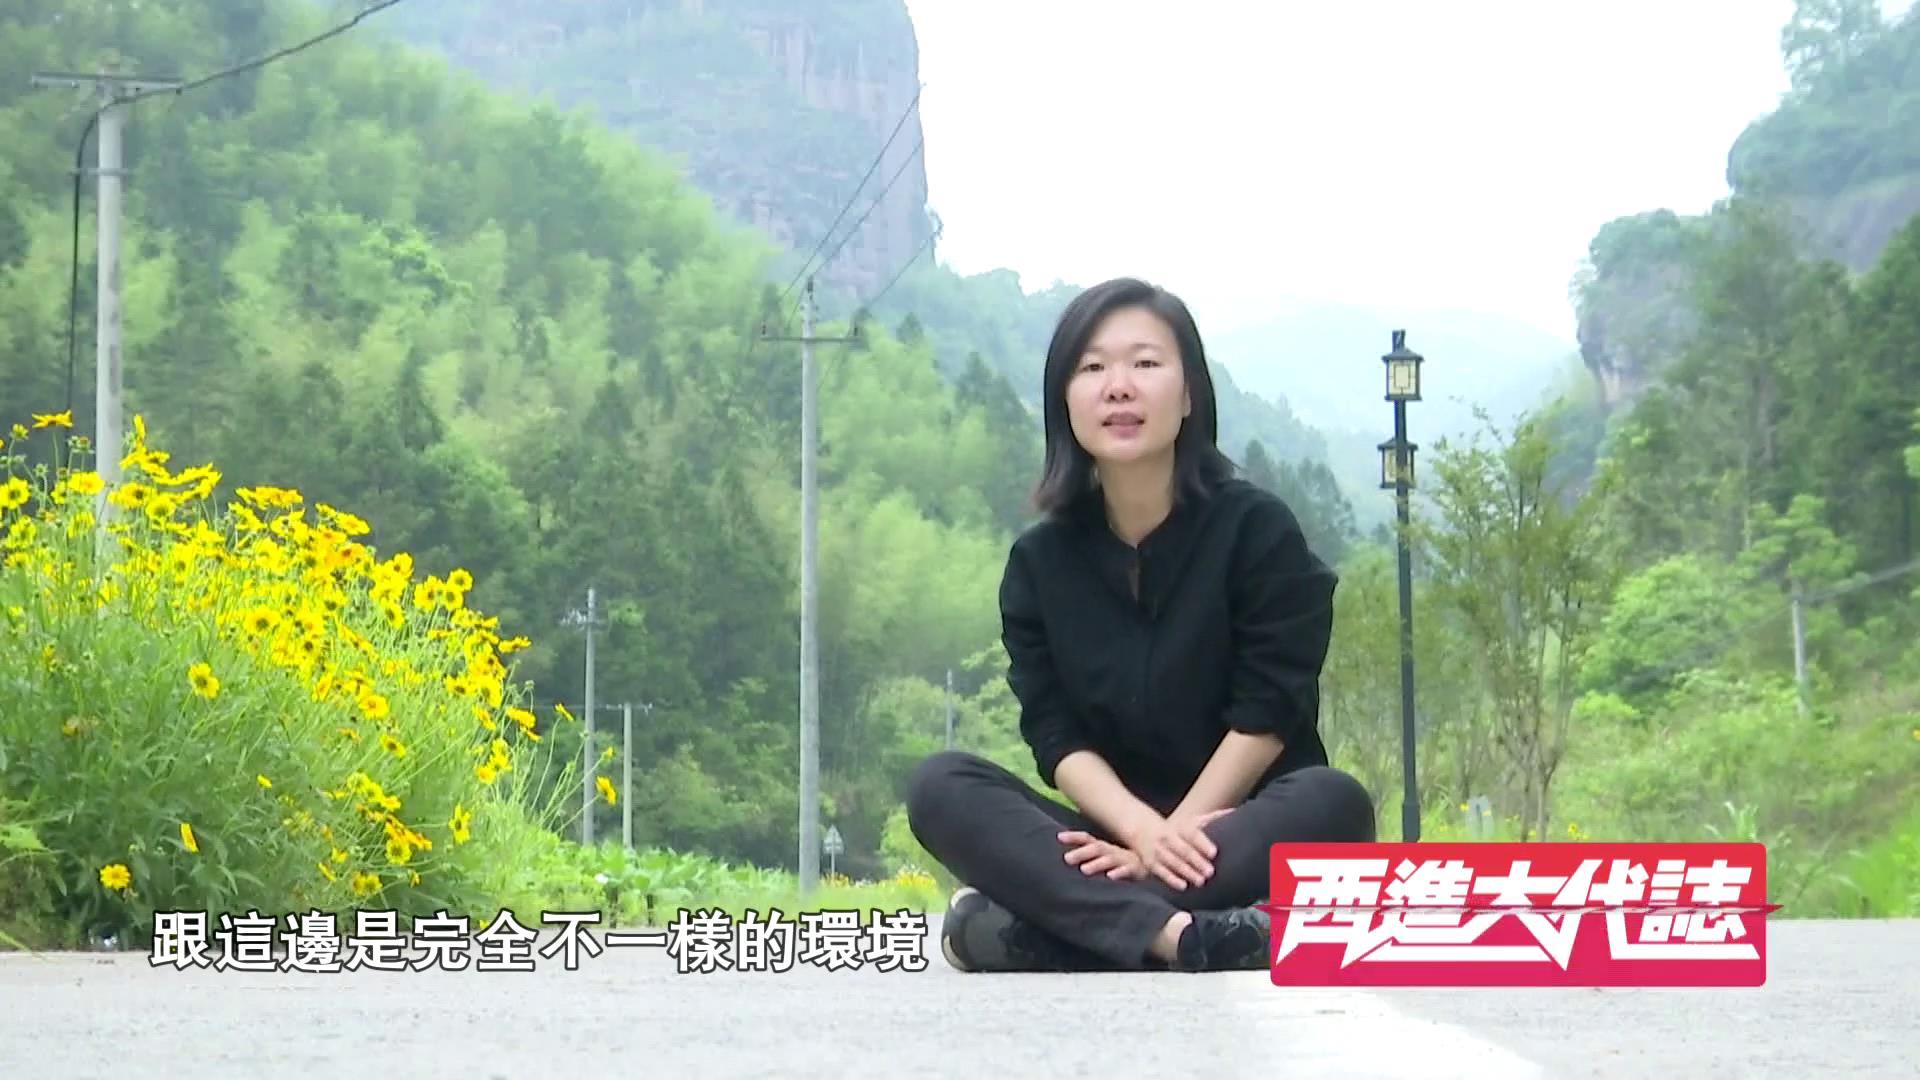 22.【西进大代志】创业台青 张欣颐图片